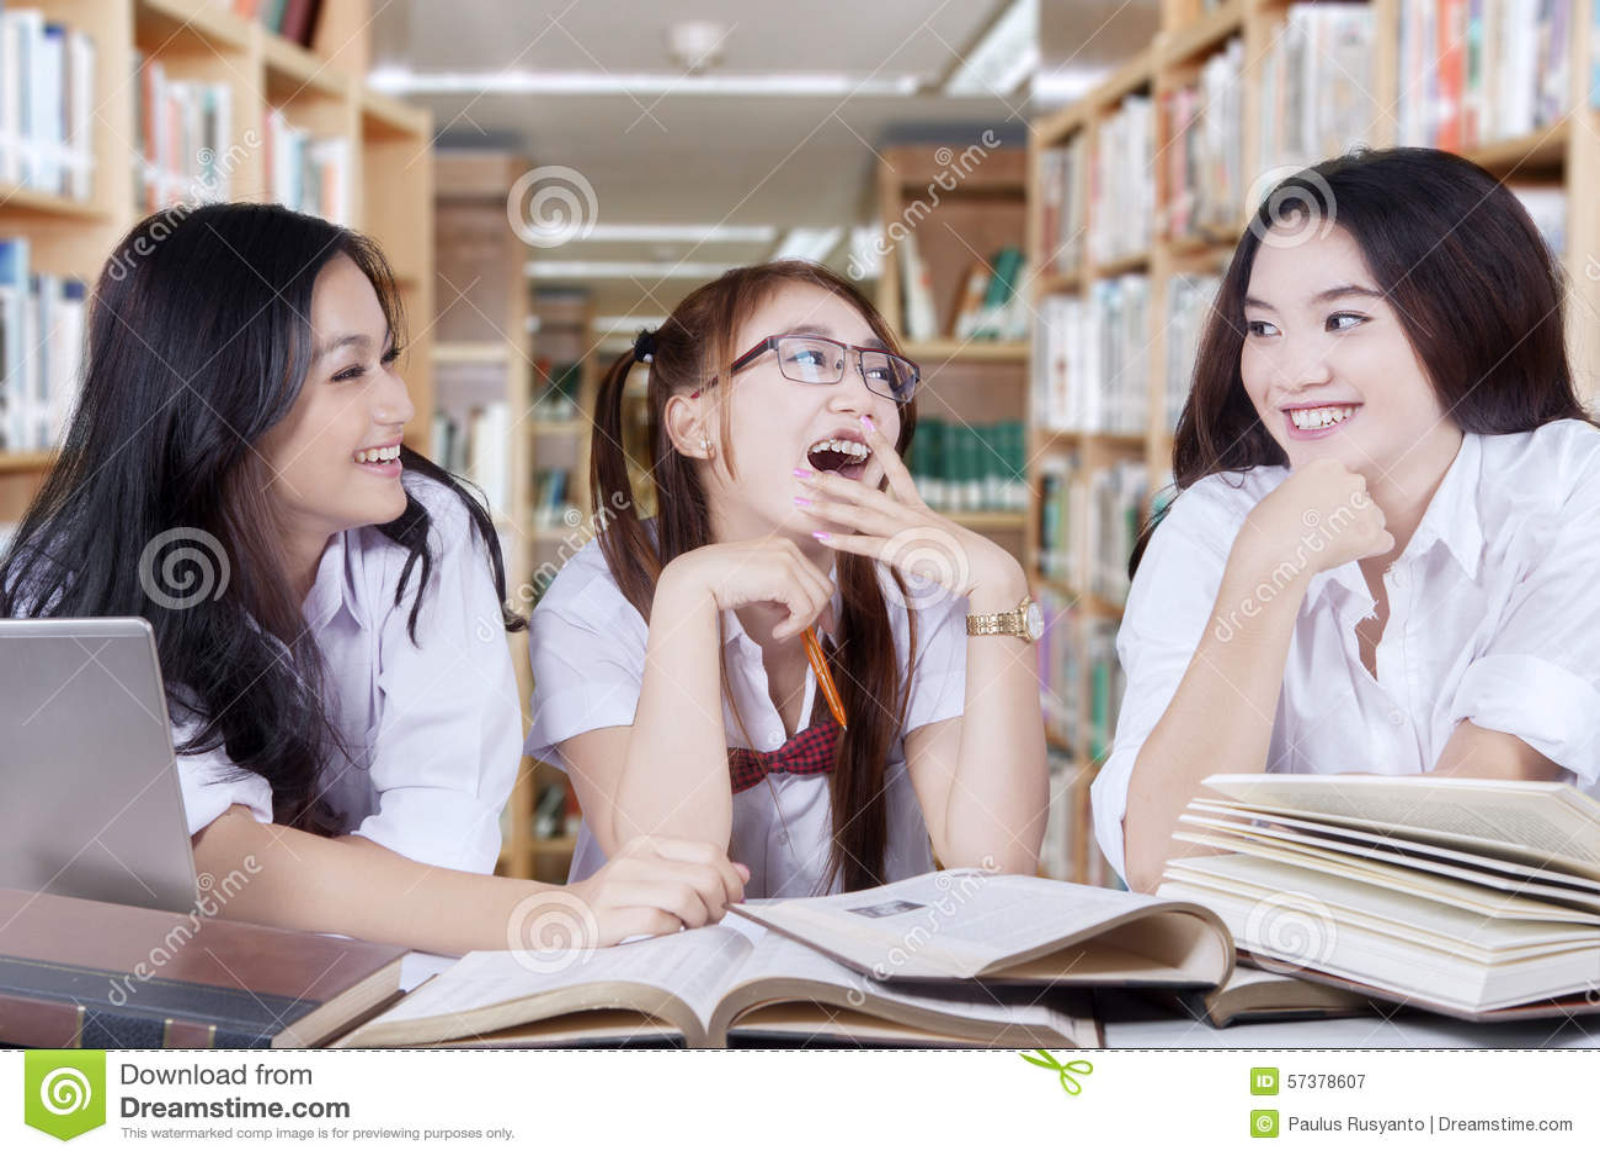 Meisjes die en in de bibliotheek spreken lachen